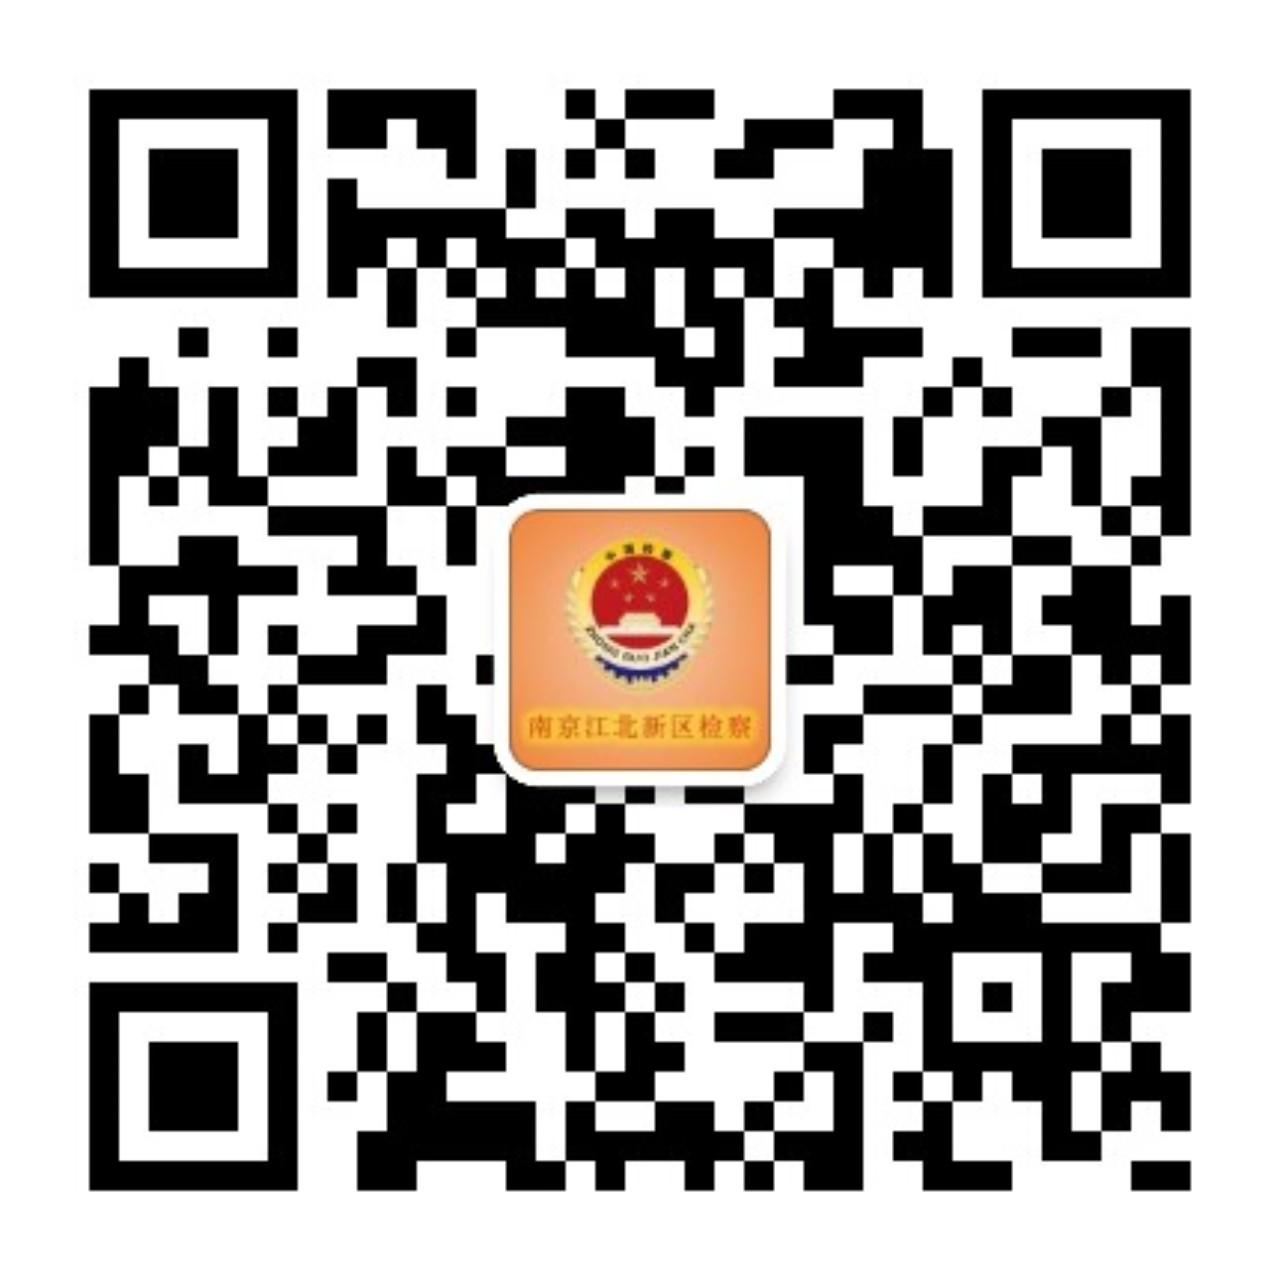 南京江北新区检察-微信二维码.jpg